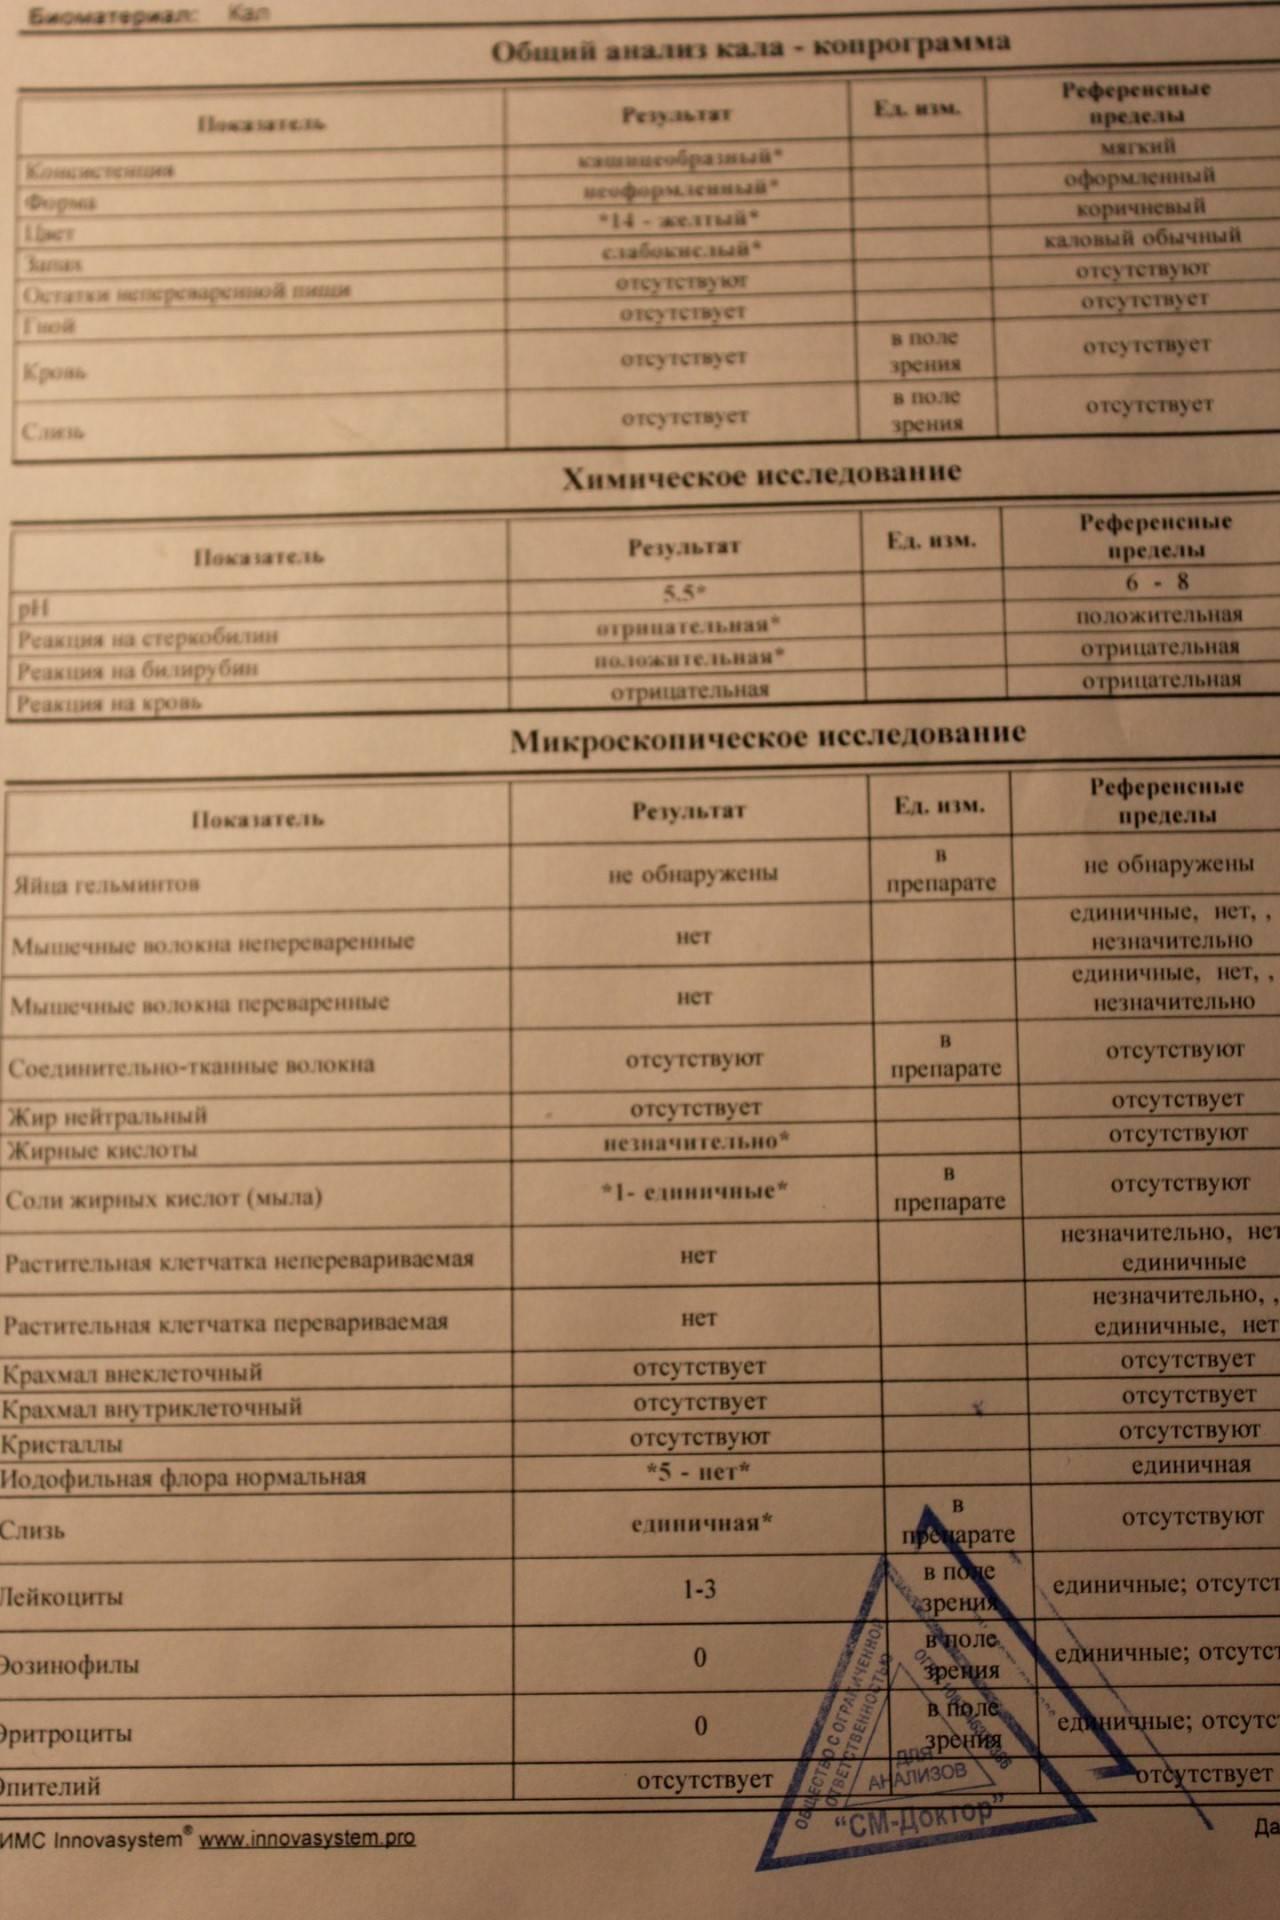 Клебсиелла пневмония у грудничка 10 в 7 степени - врачебный метод